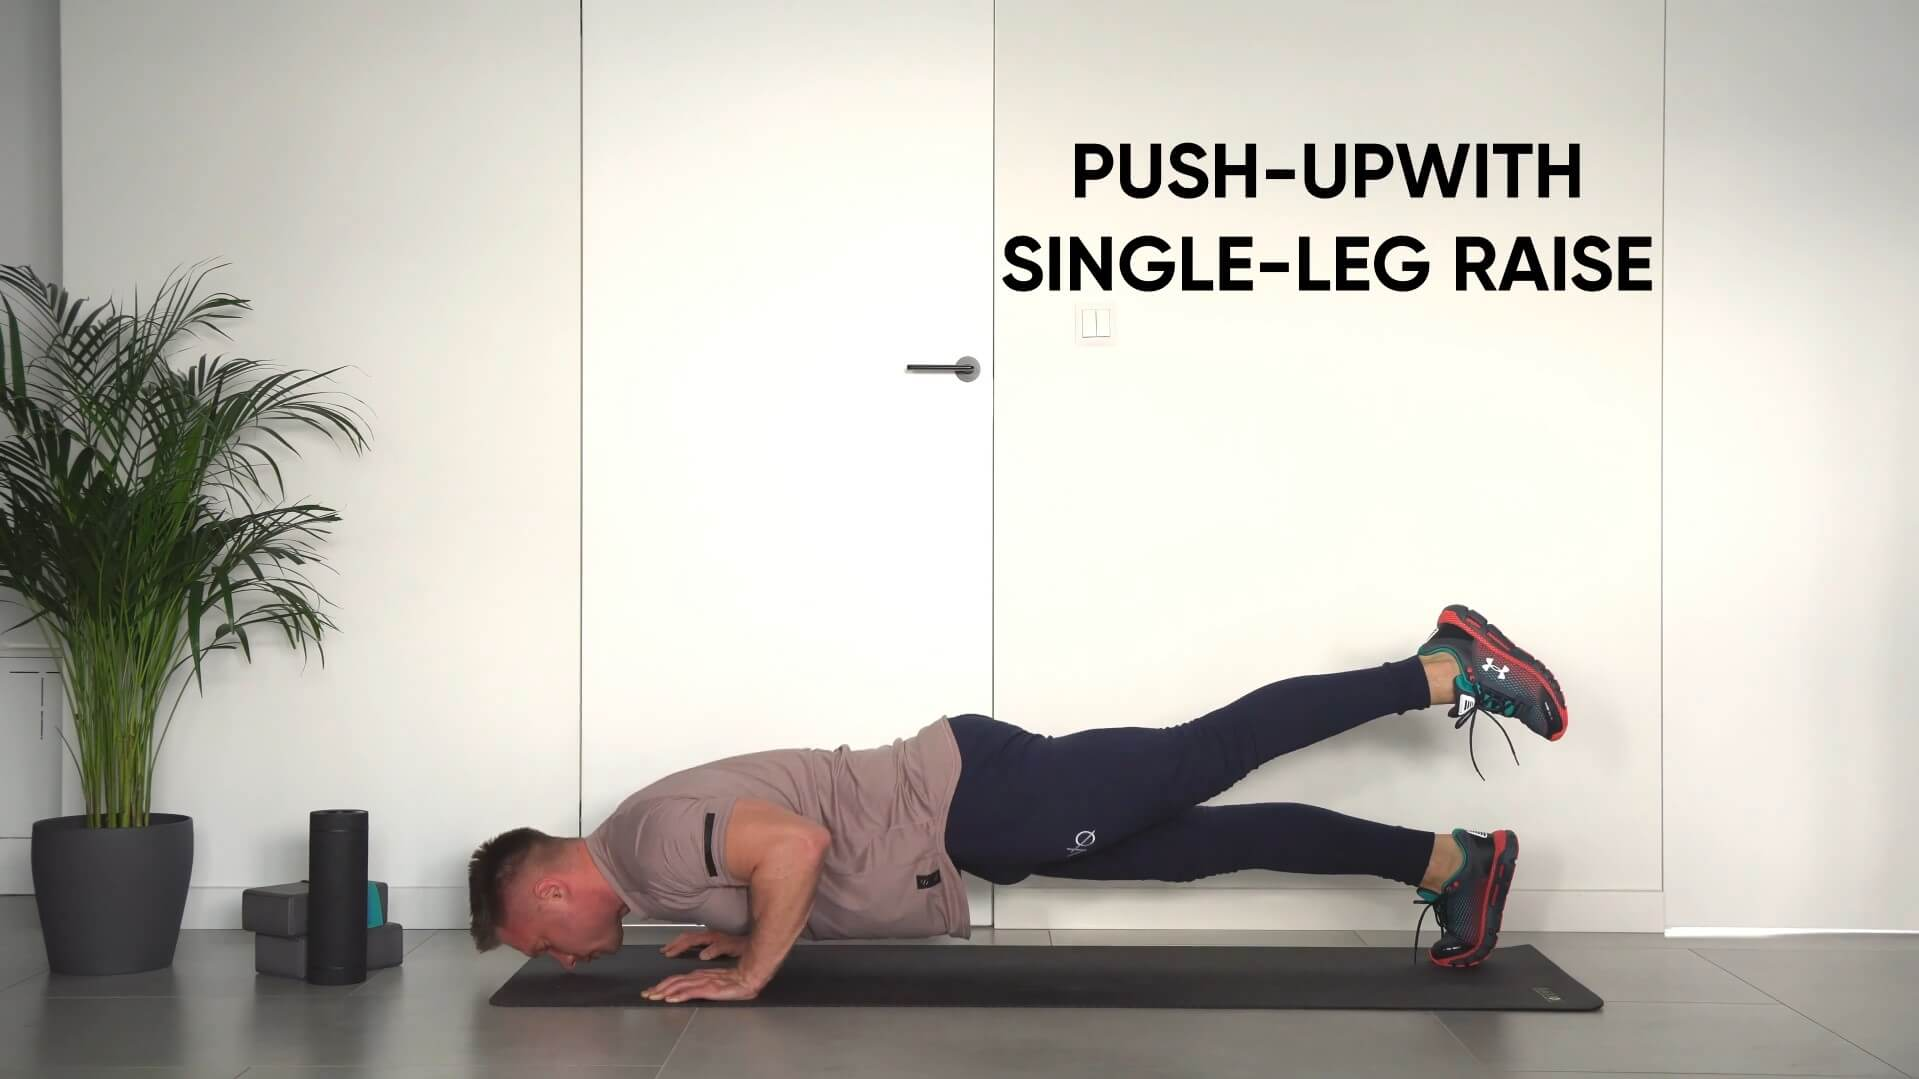 Push up with single leg raise